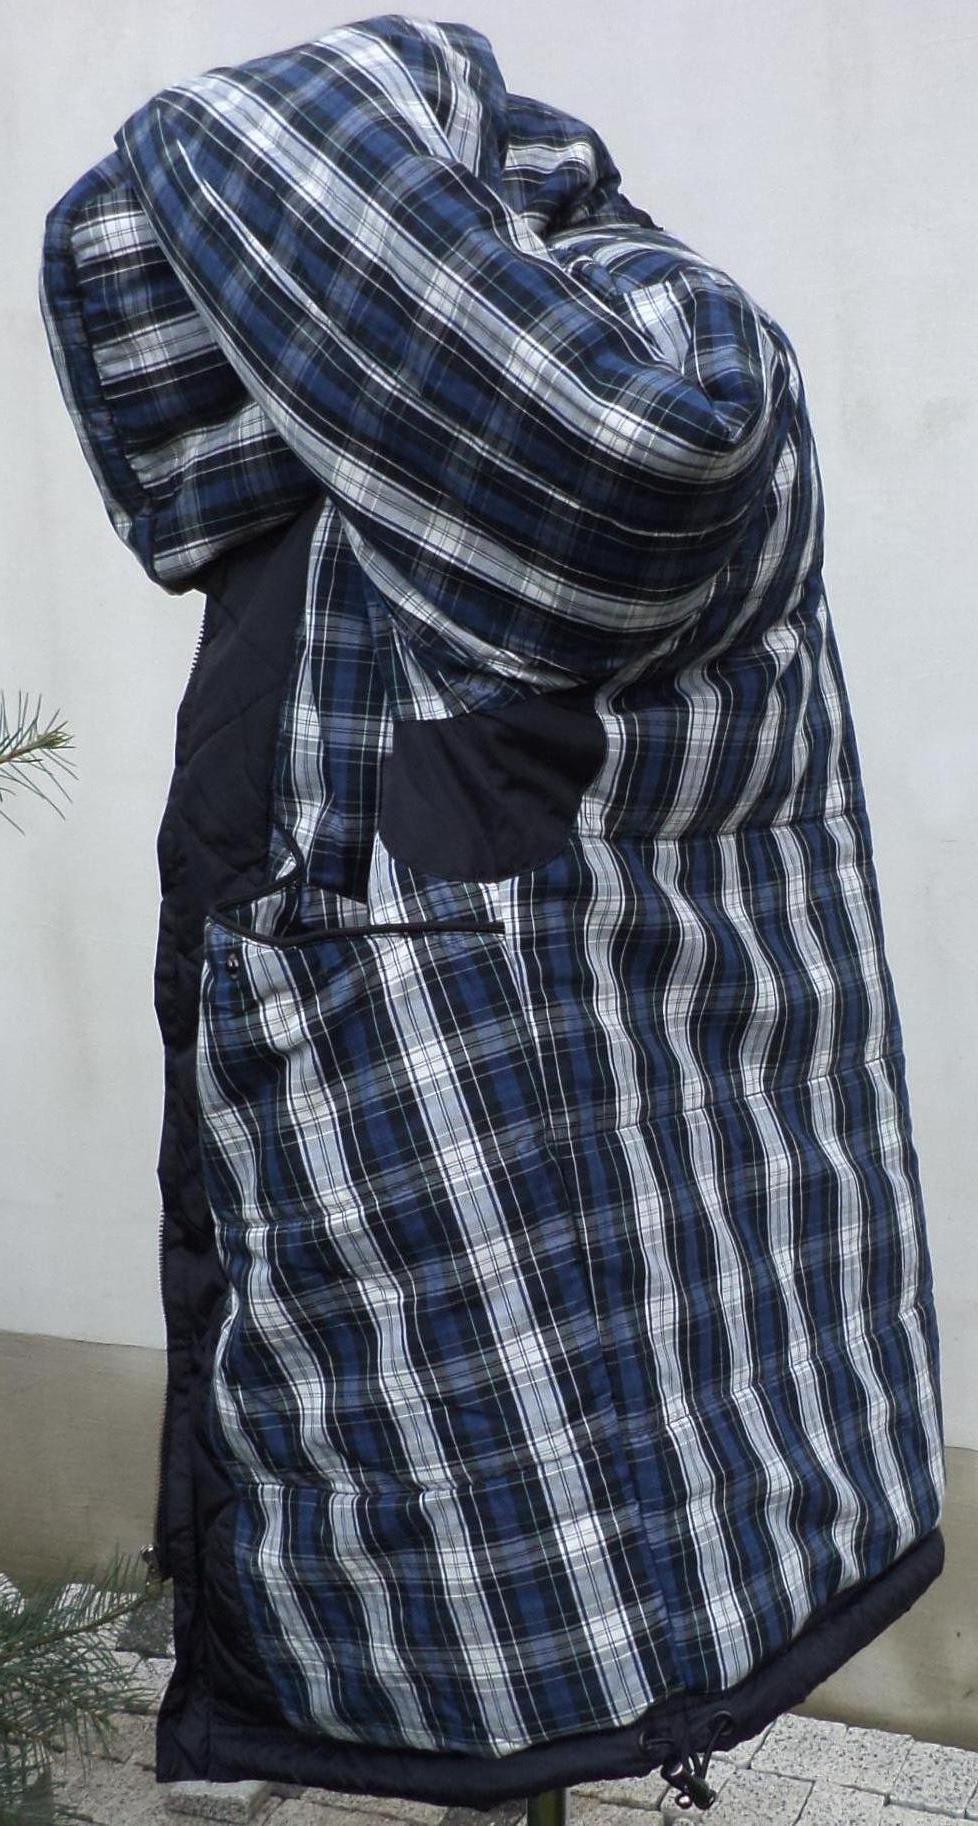 beb65ac83 LEVI STRAUSS dłuższa kurtka PARKA zimowa KAPTUR - 7094025794 ...